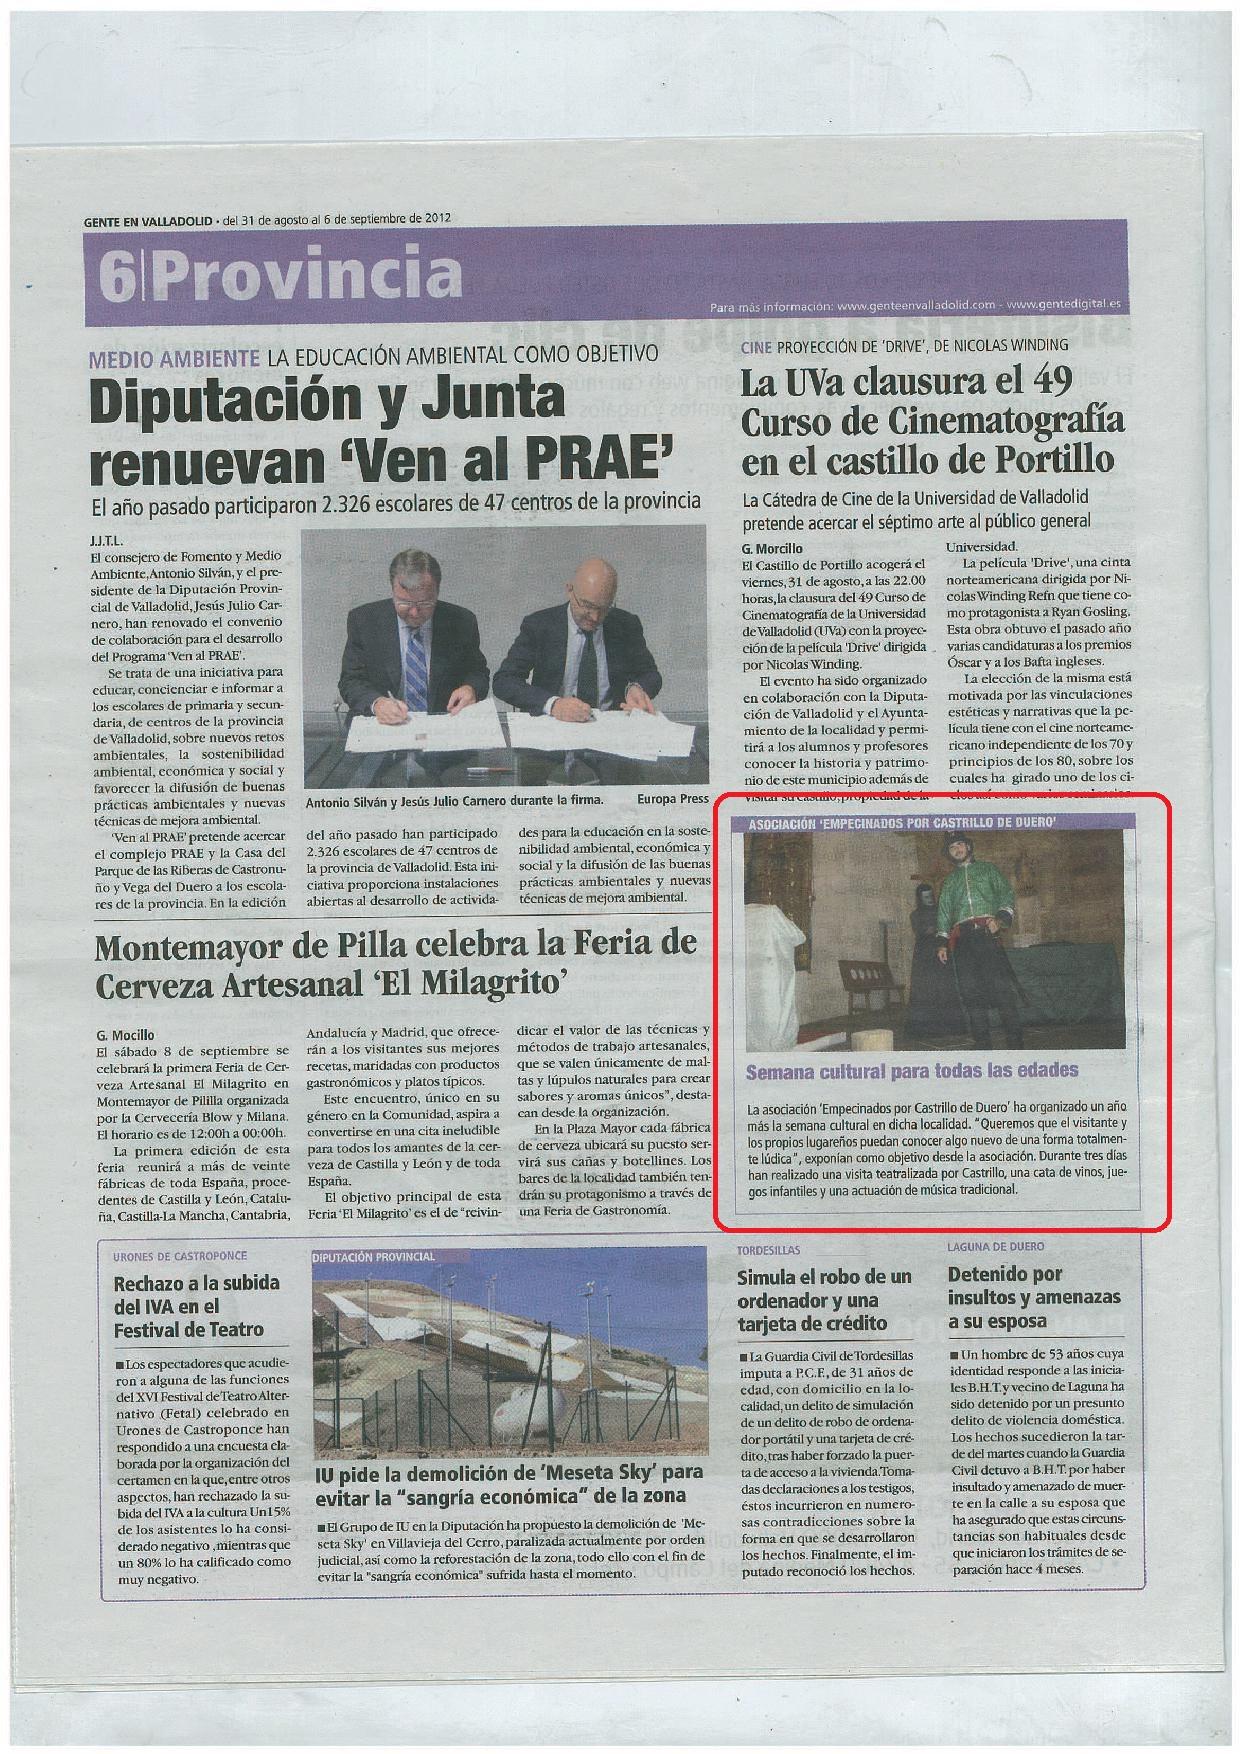 lugares y anécdotas empecinado-prensa 1 | cultyocio.es